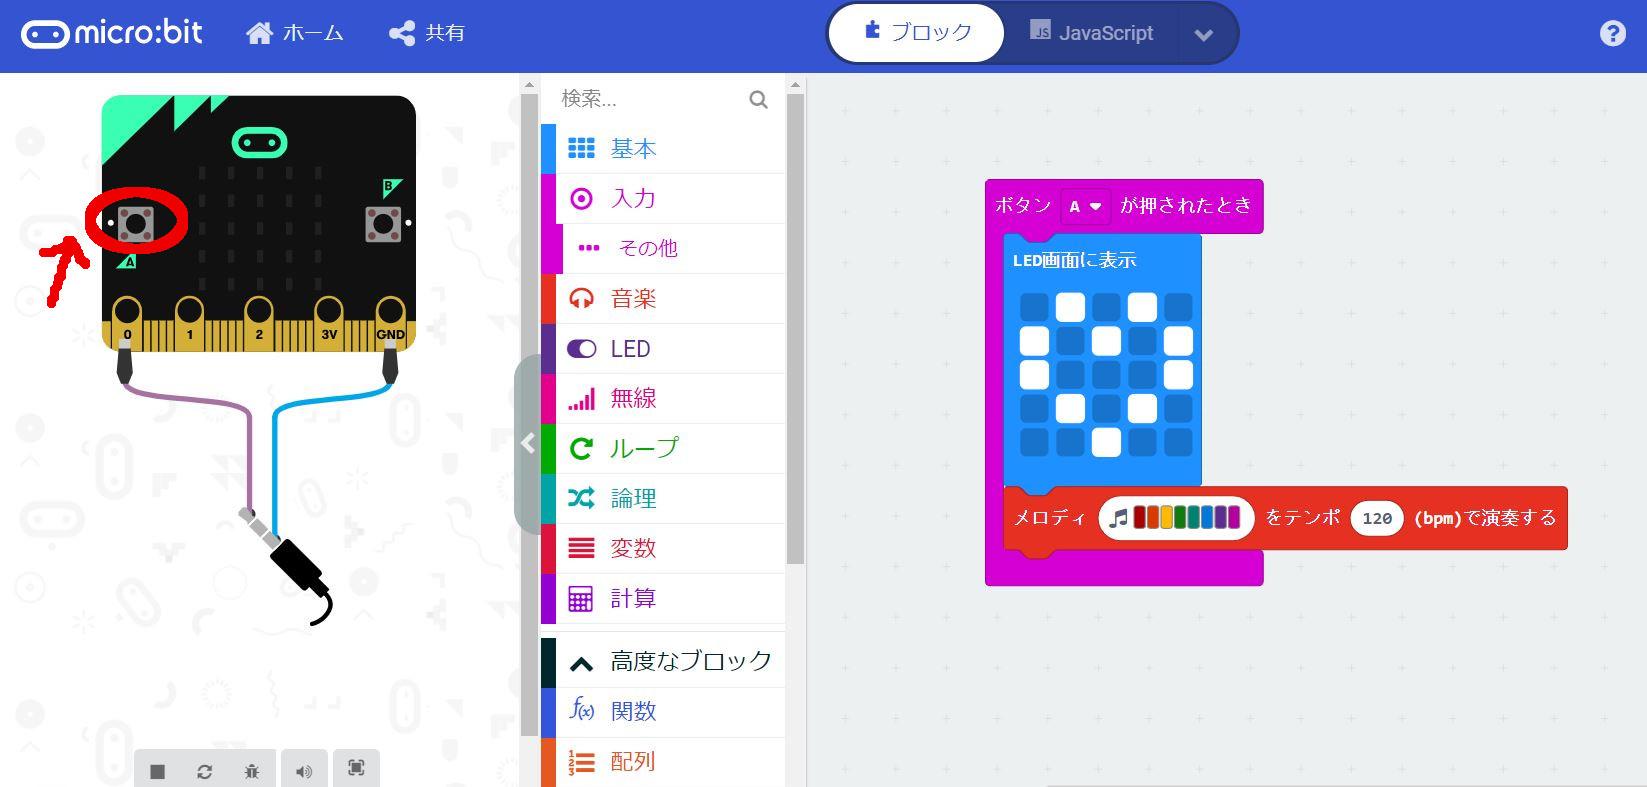 マイクロビットできること(23)